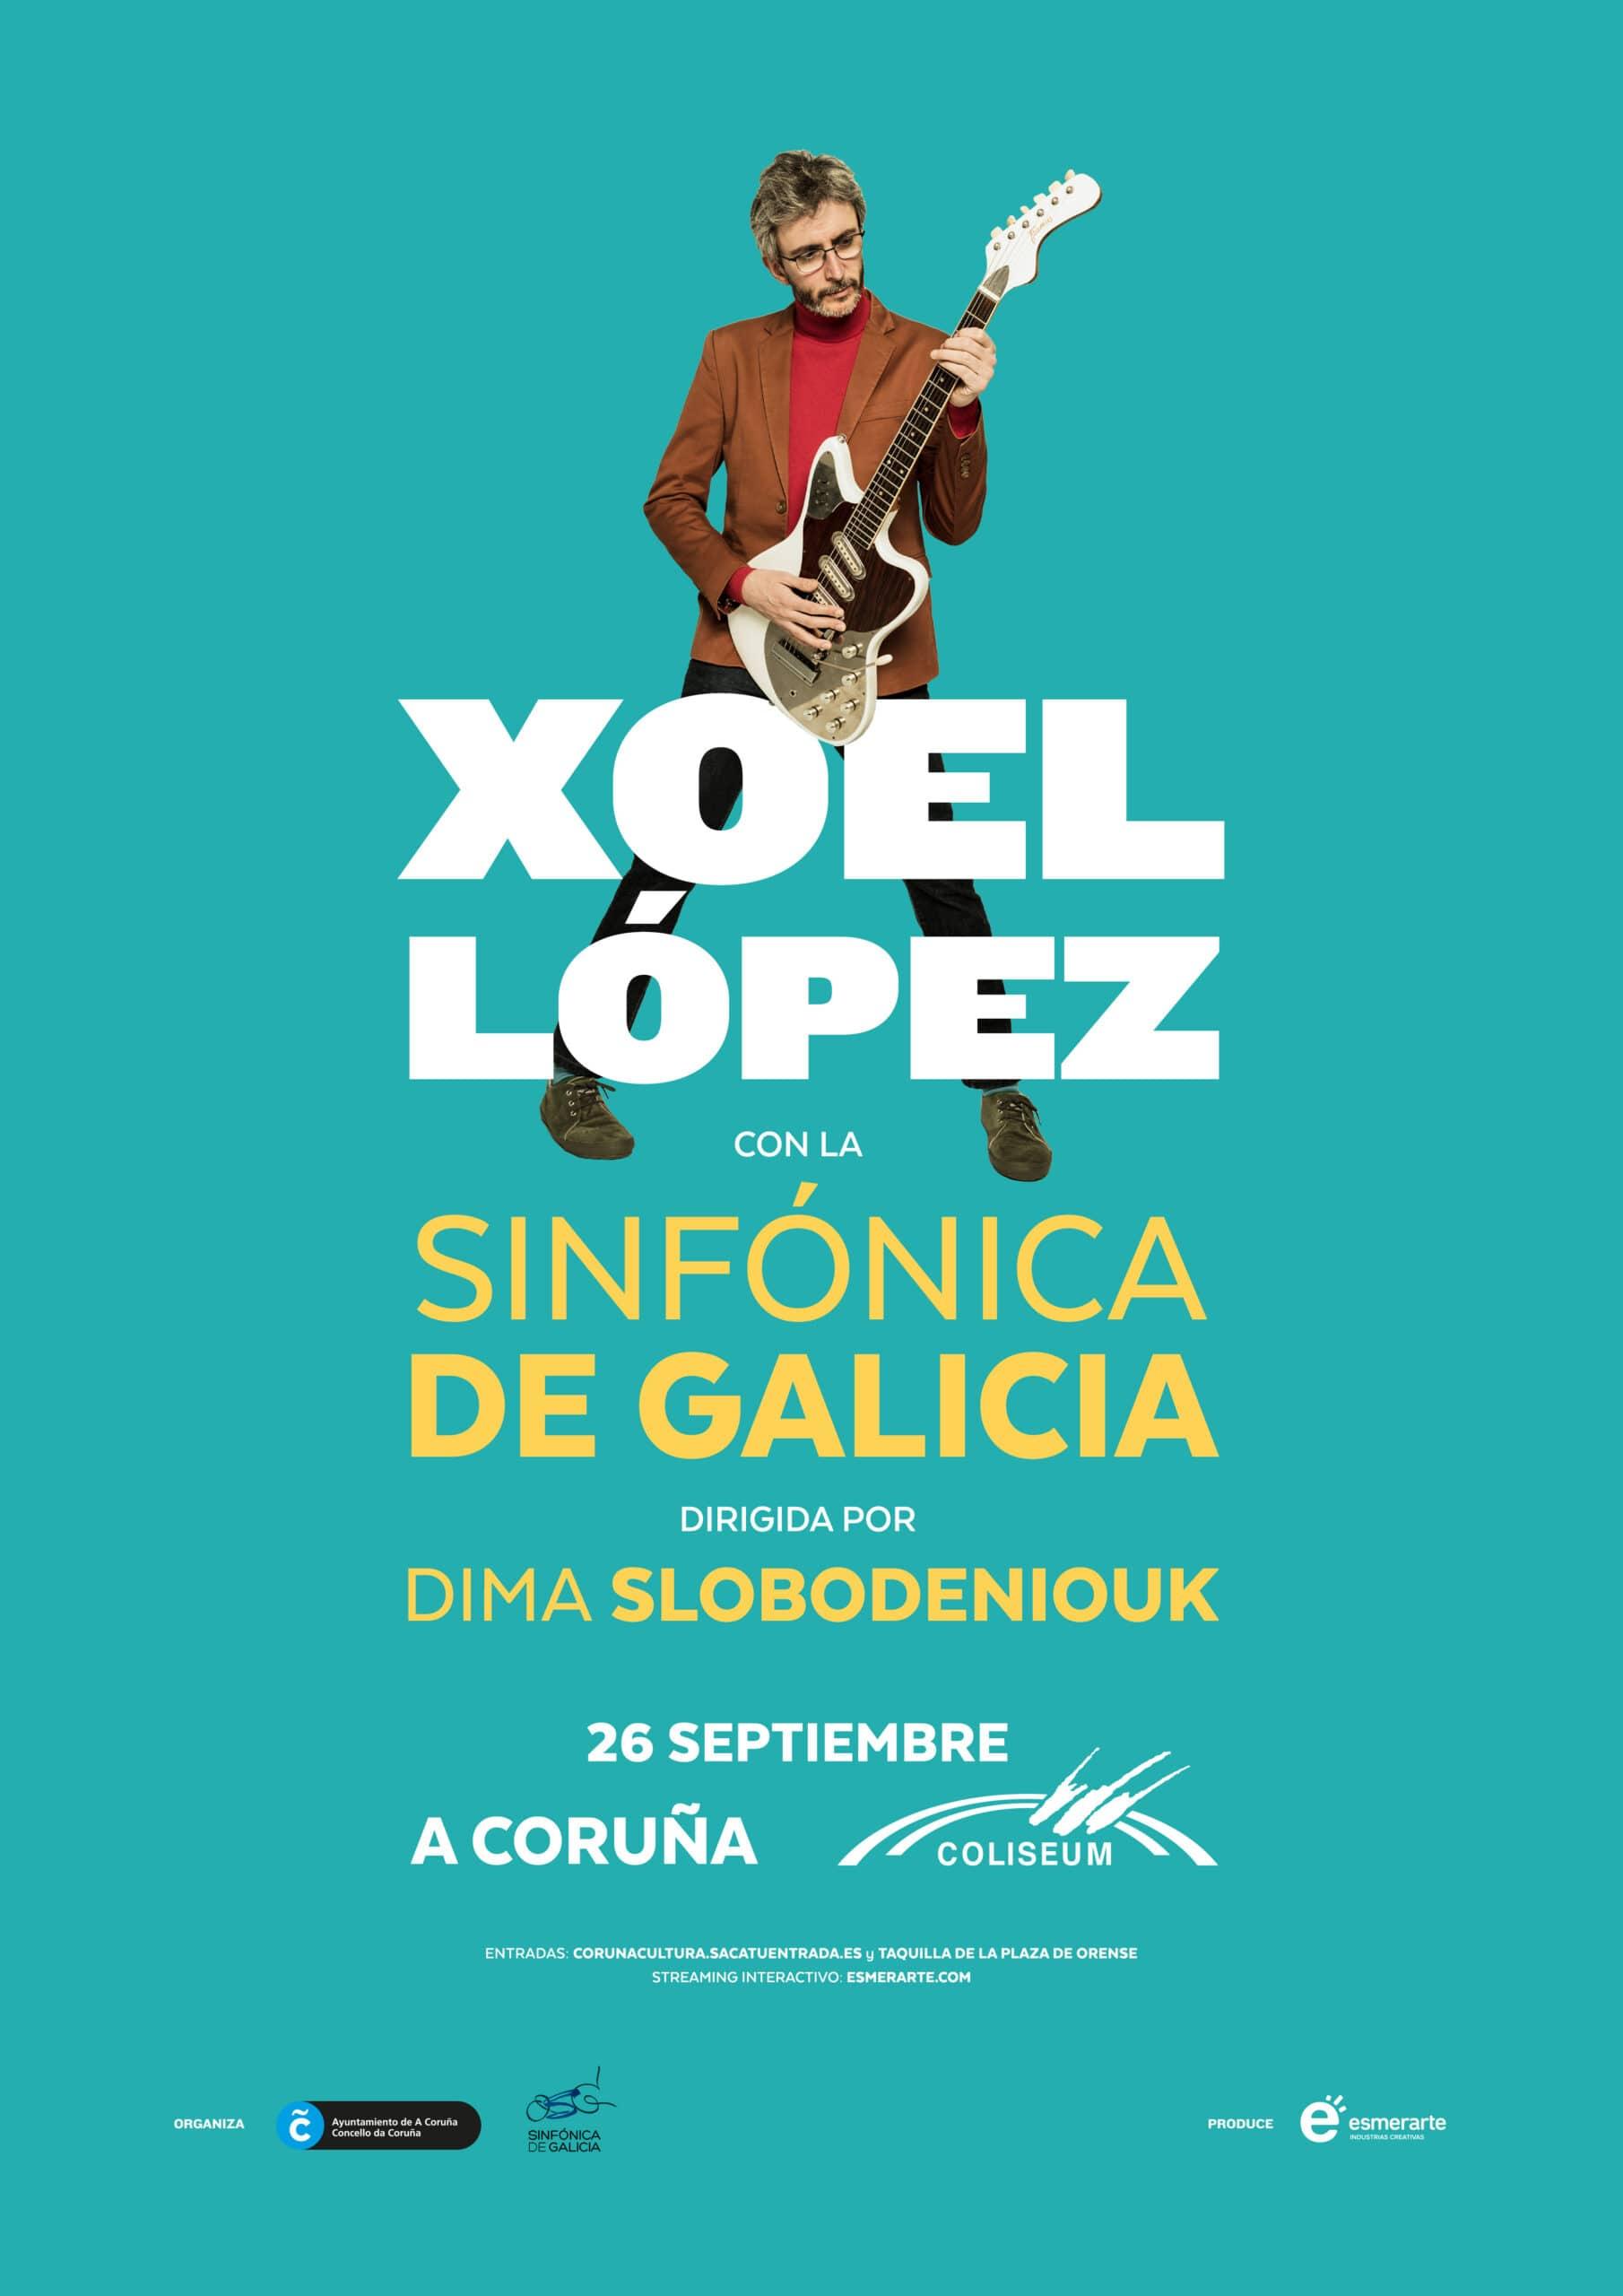 Xoel López con la Orquesta Sinfónica de Galicia